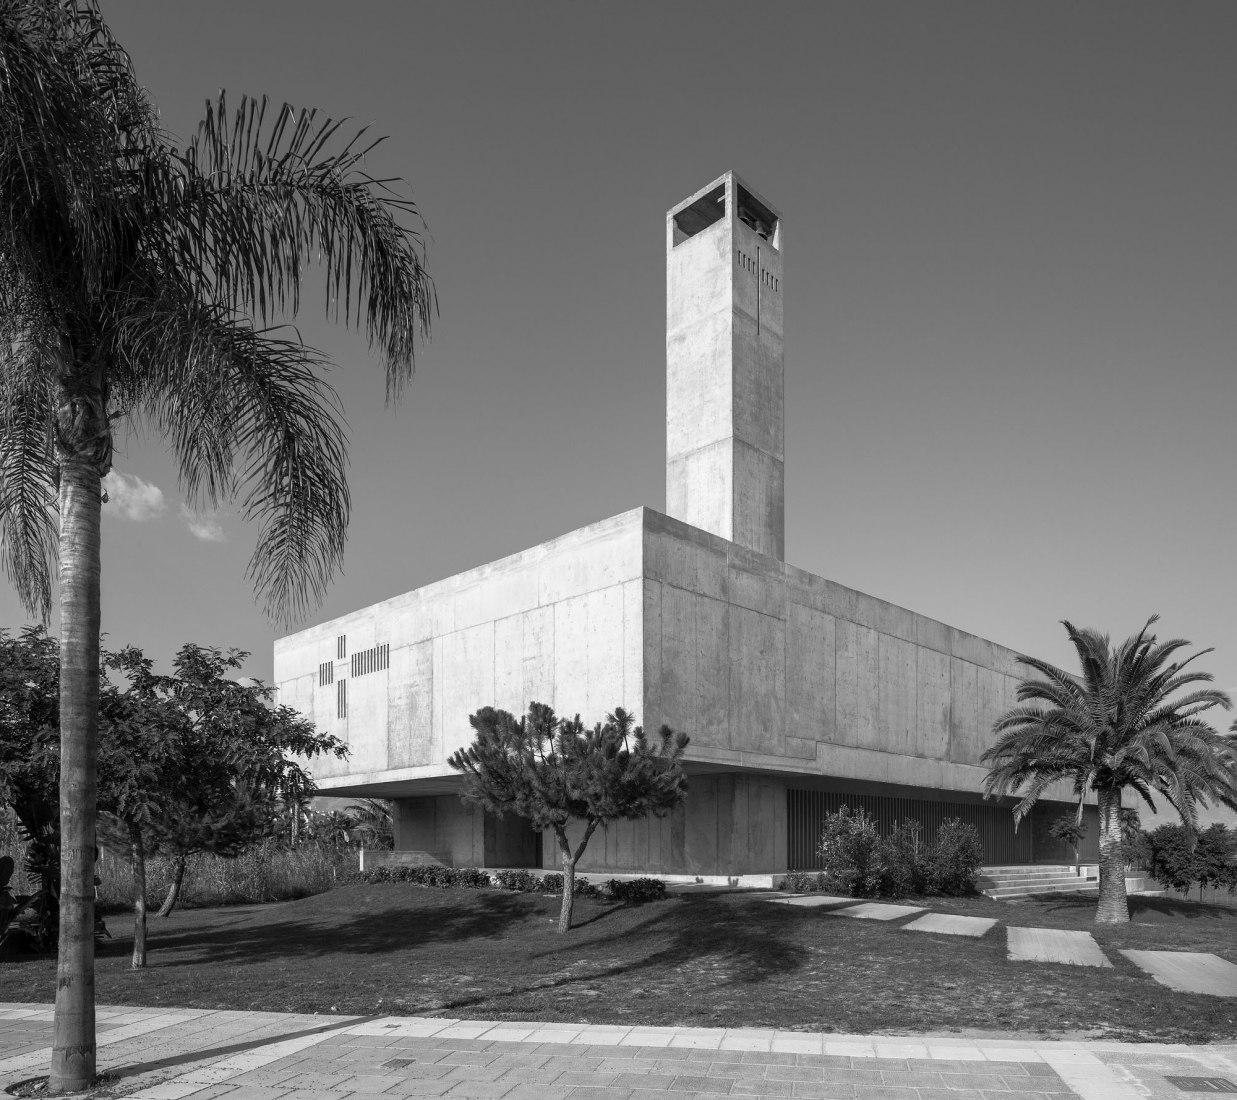 Vista exterior de la Iglesia en Playa Granada. Elisa Valero es la ganadora de la VI edición del Swiss Architectural Award. Fotografía por Fernando Alda